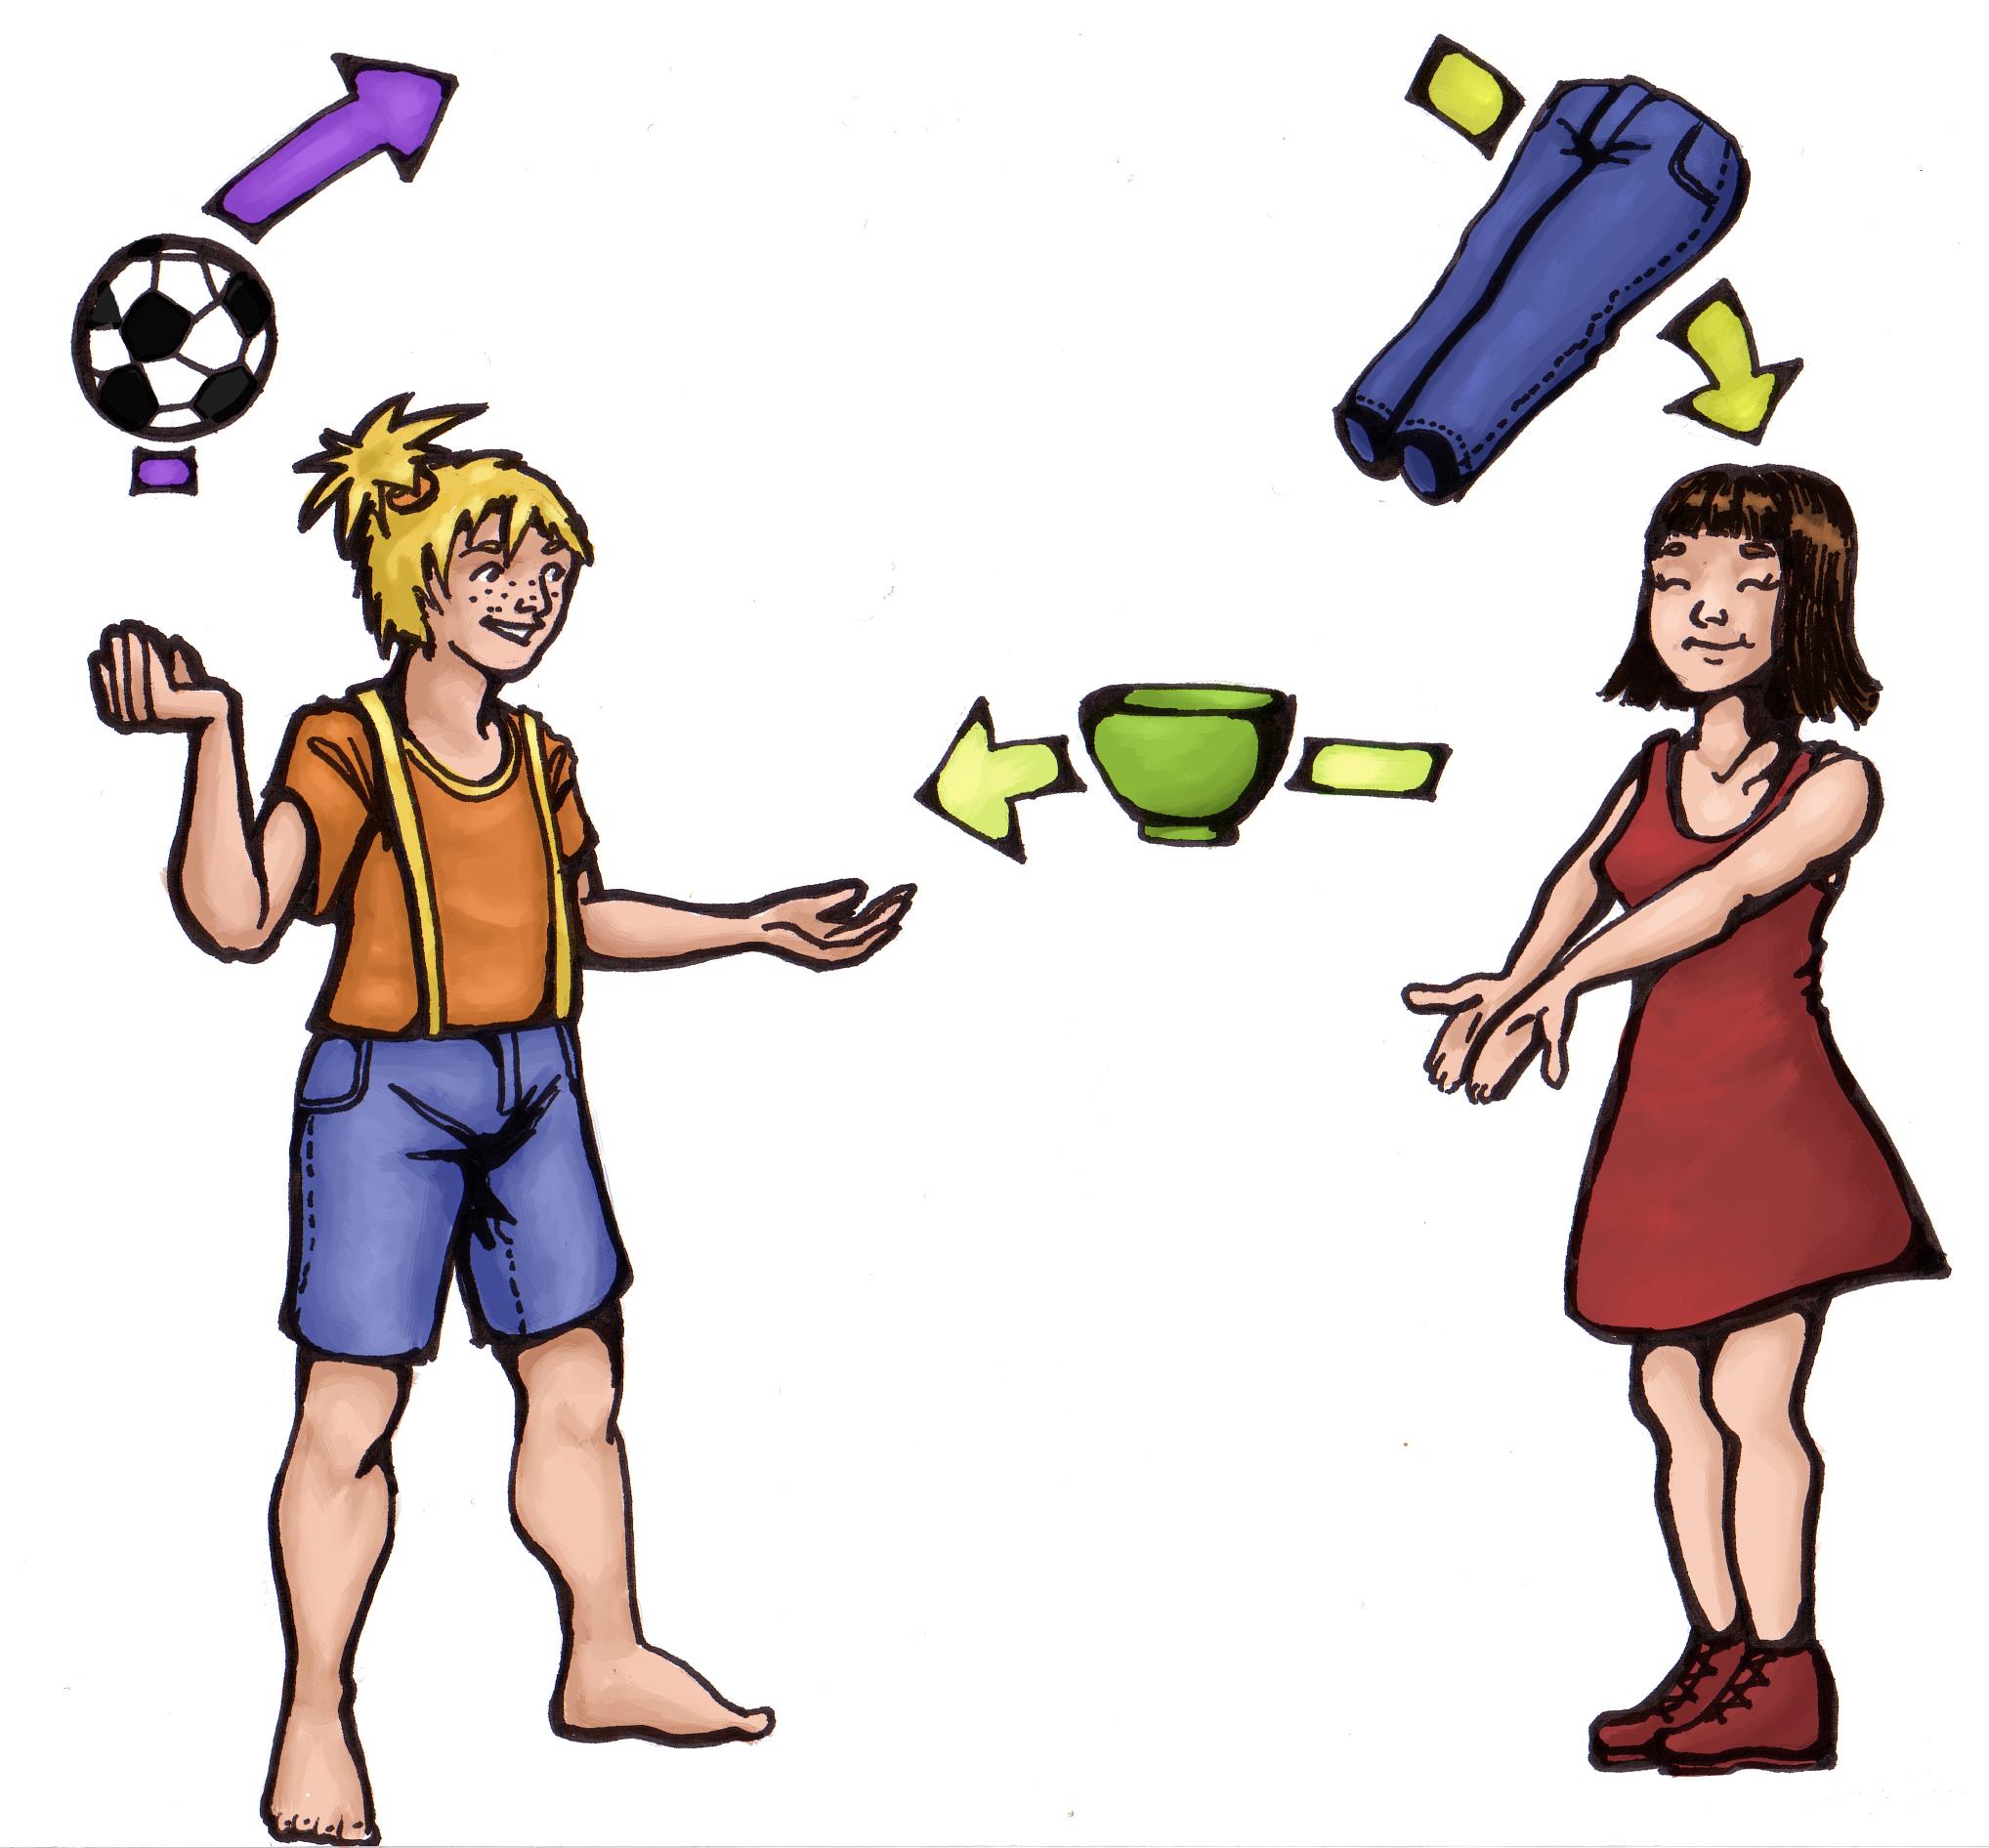 Wenn nicht 1:1 getauscht wird, sondern flexibel jeder bringt und nimmt, was er/sie will, ist die Organisation eines eigenen Tauschtreffens in Klacks.